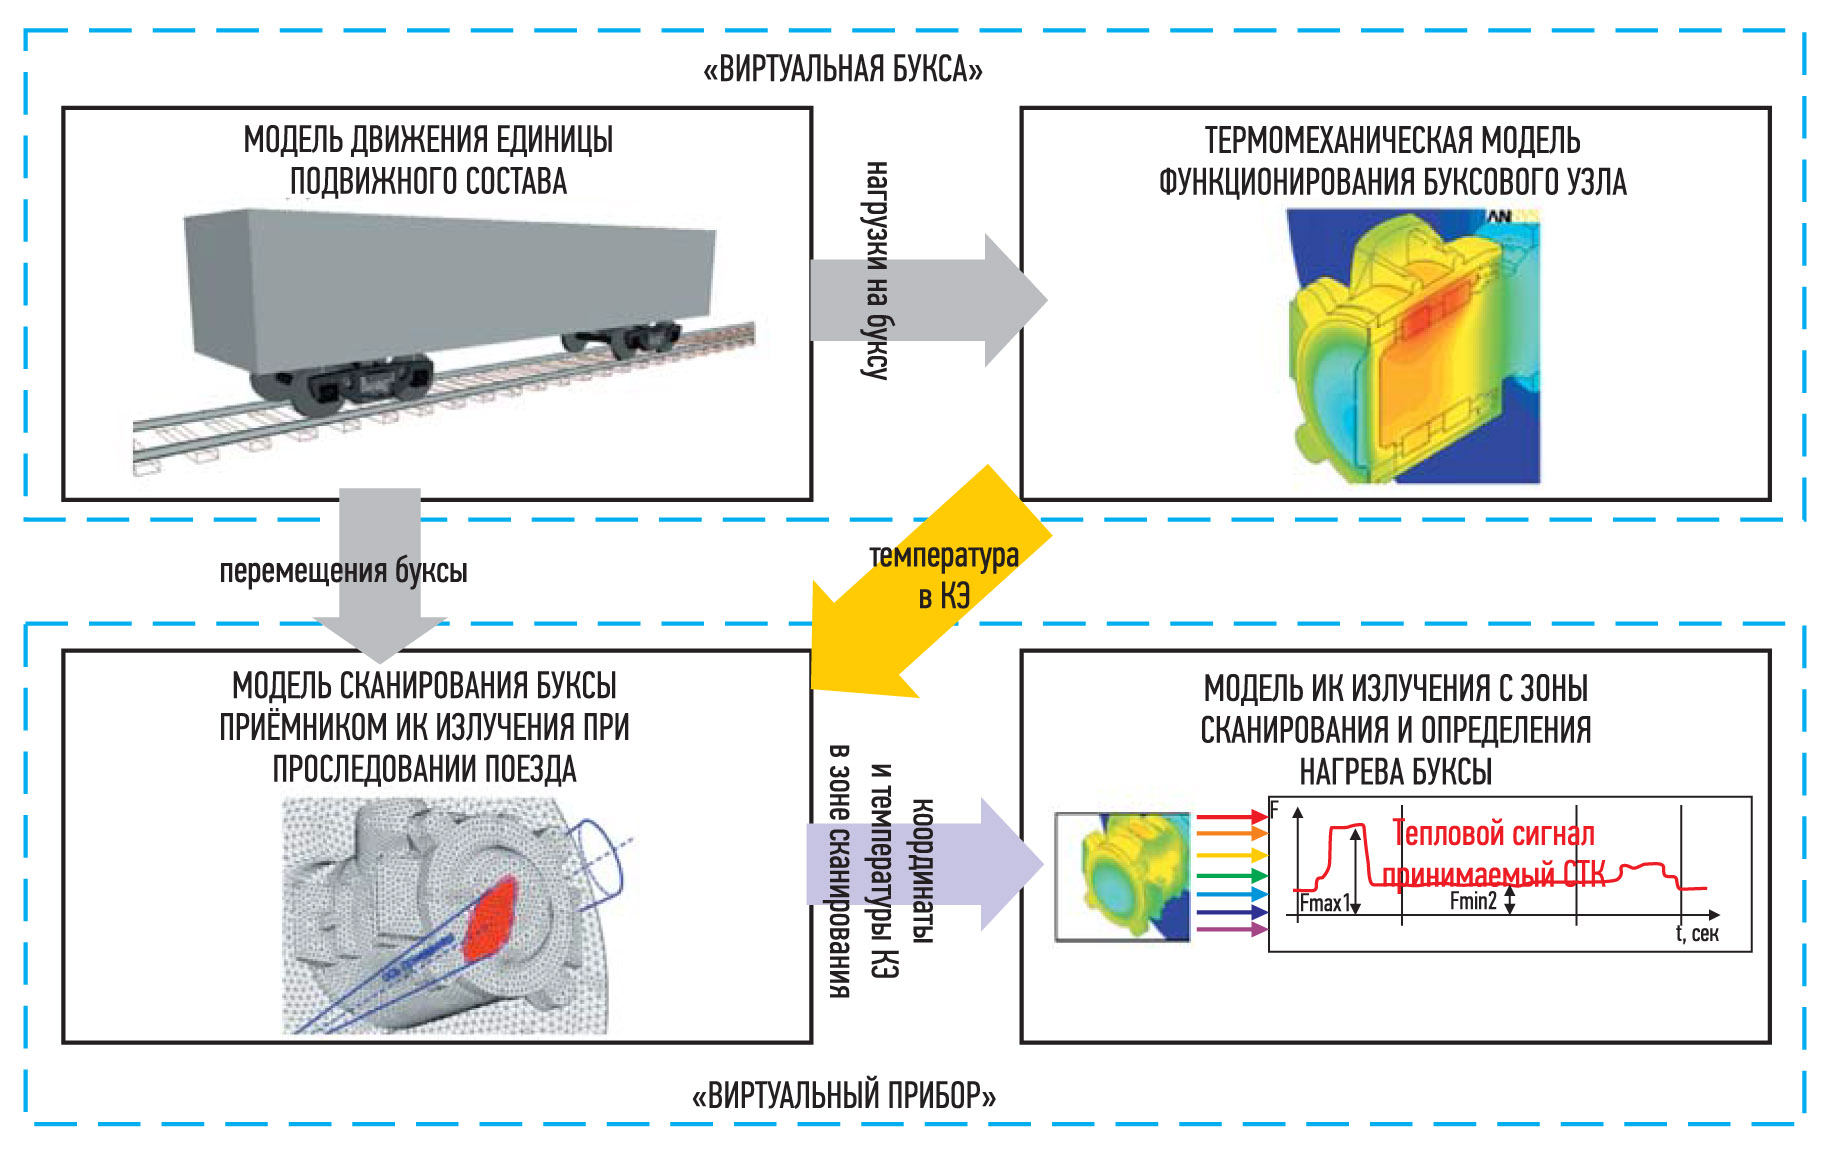 хема виртуальной диагностической модели бесконтактного теплового контроля